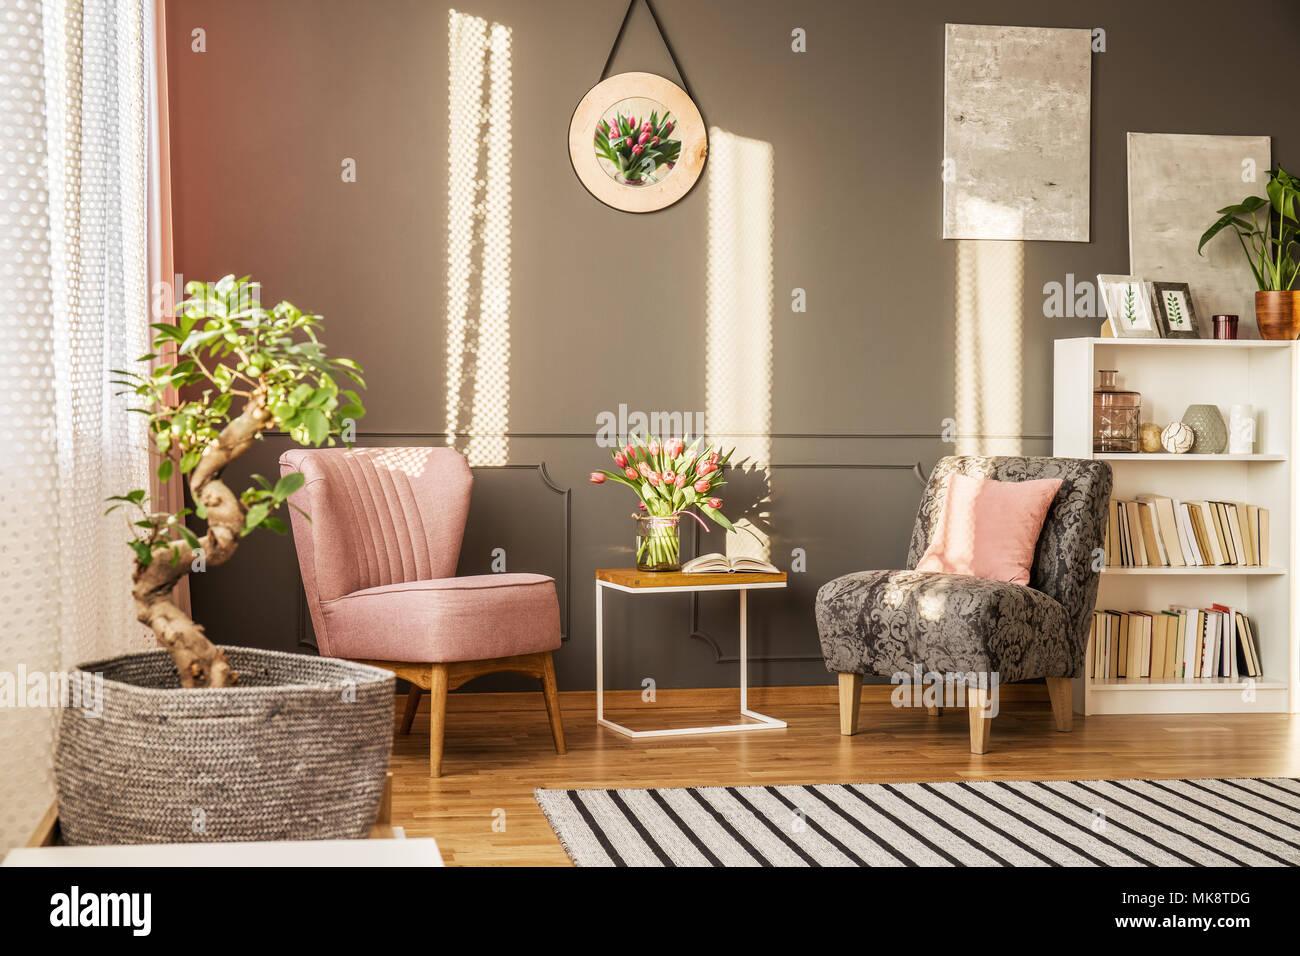 Bonsai Baum im eleganten Wohnzimmer Interieur mit Blumen auf dem ...